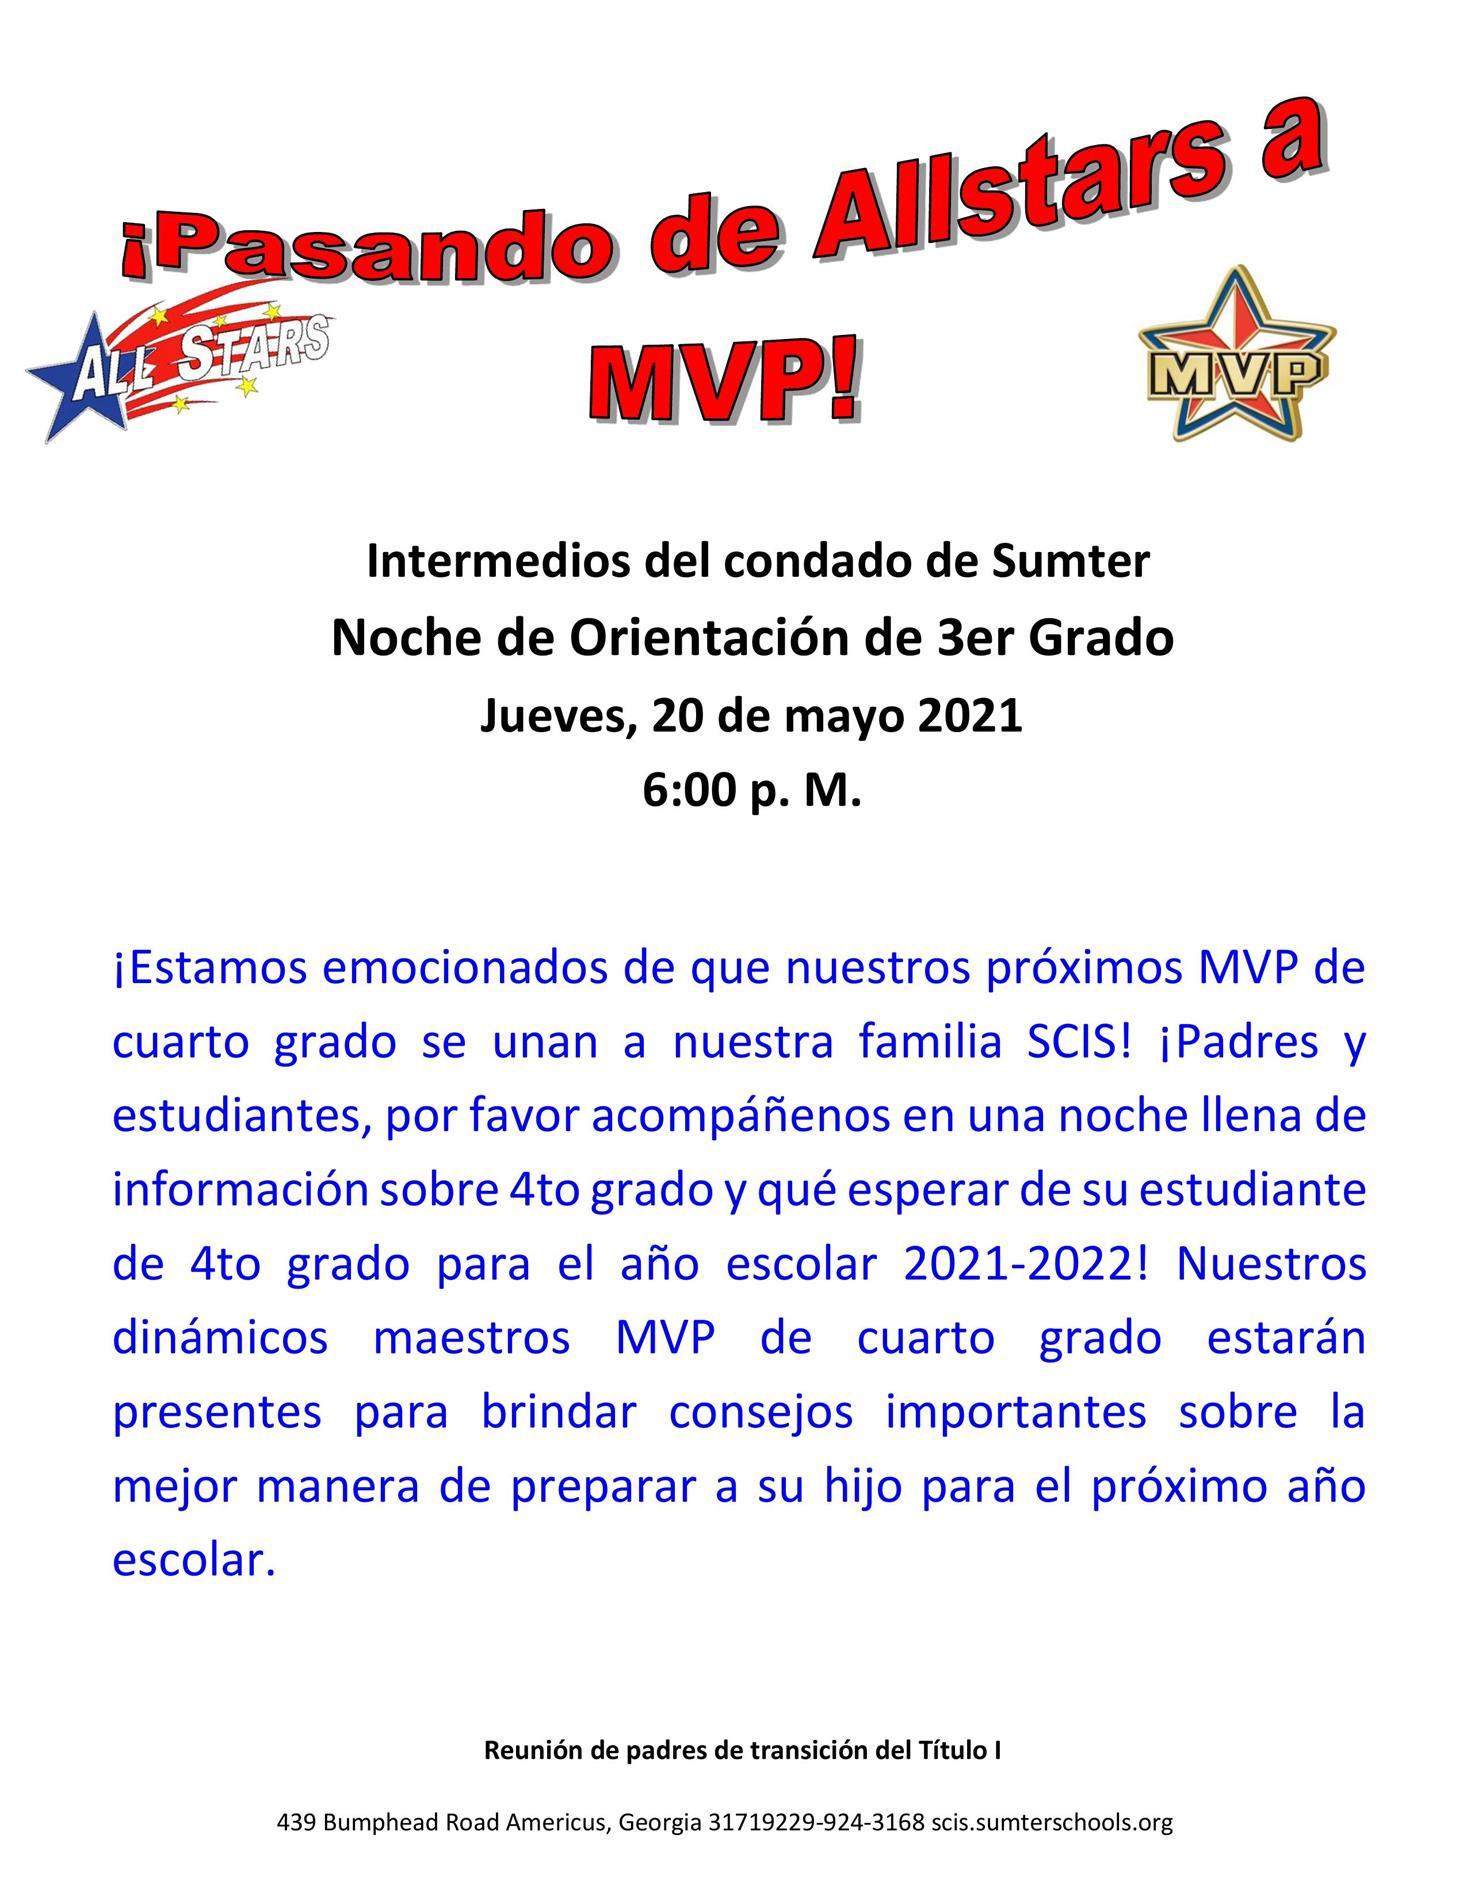 4th Grade Transition Flyer - Spanish